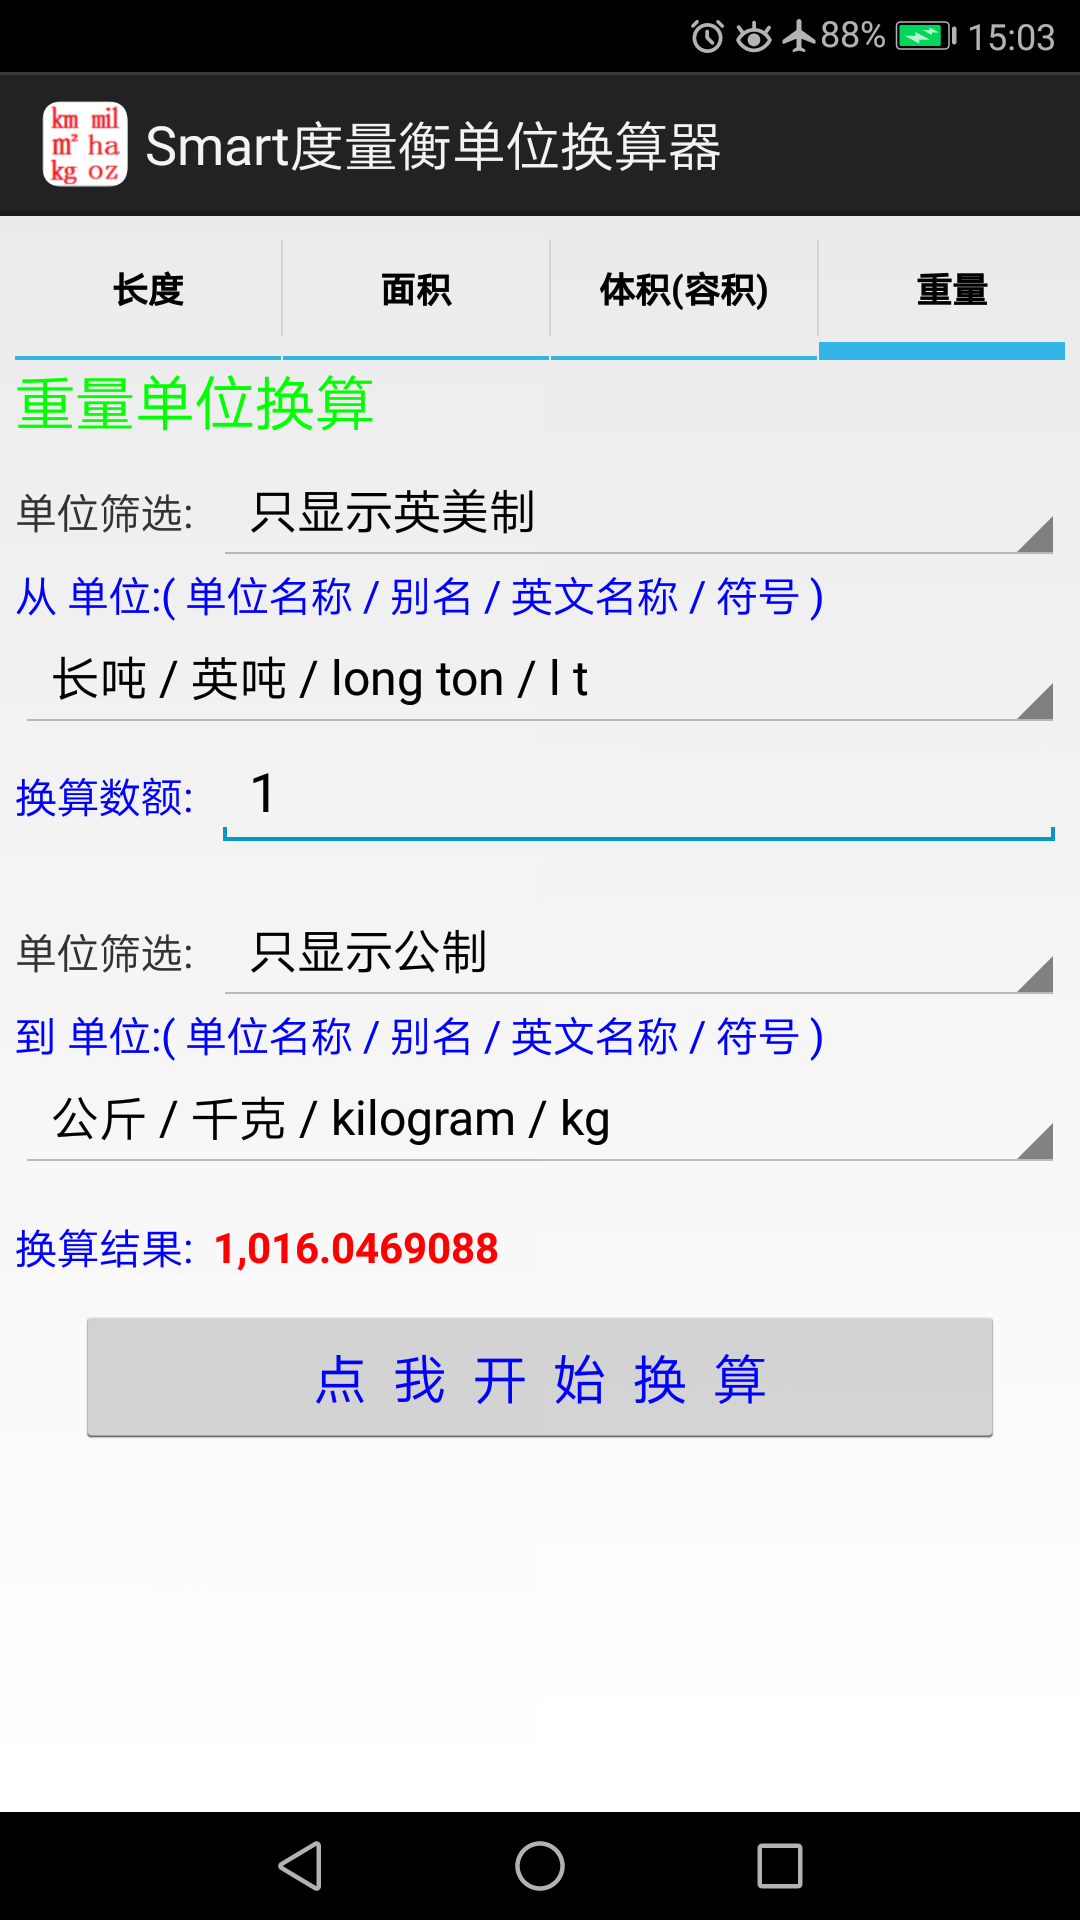 Screenshot_长吨 vs 公斤.png